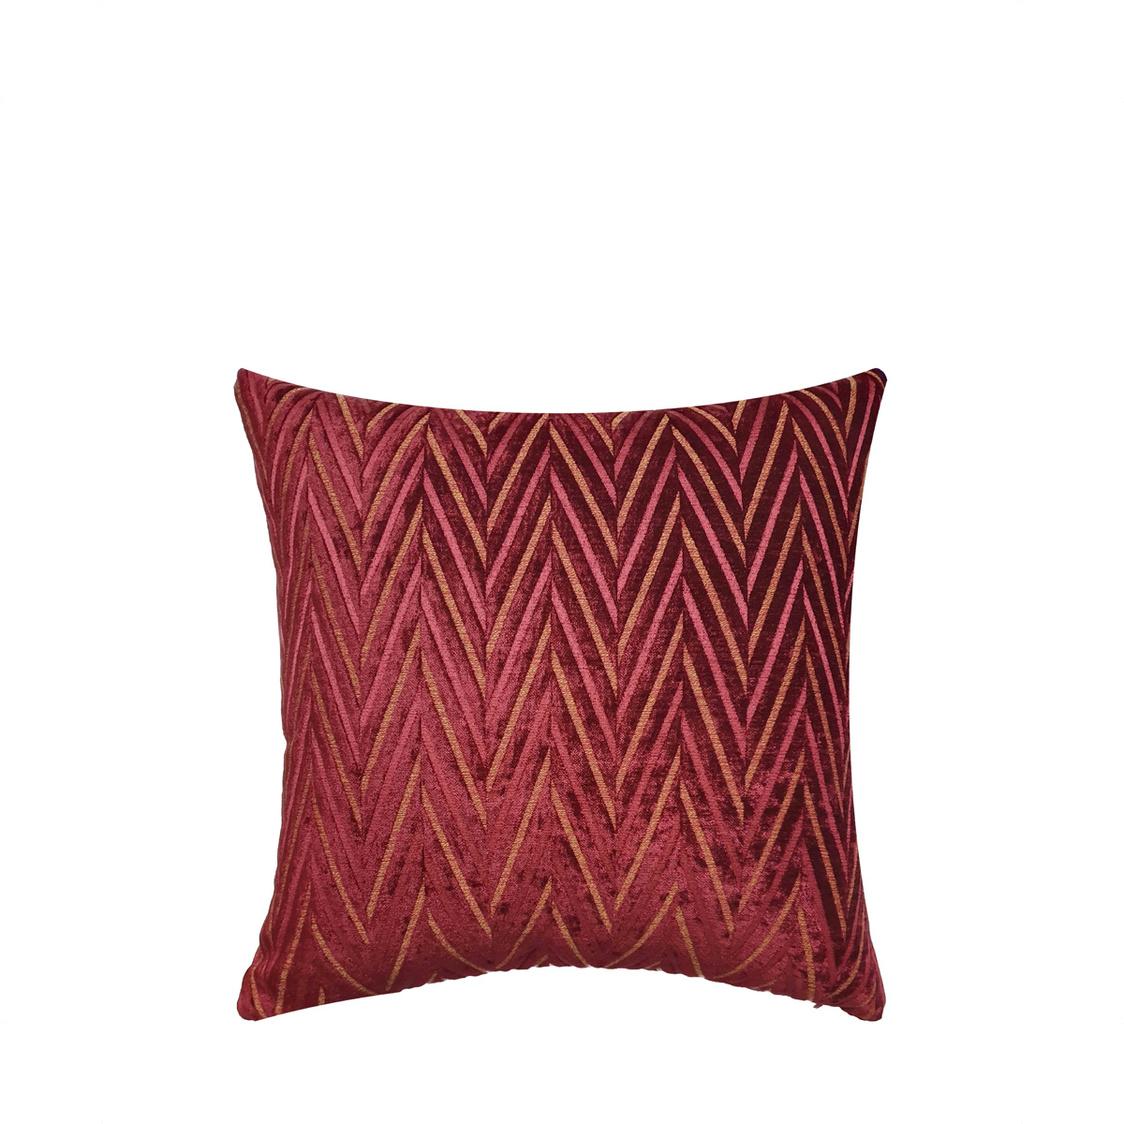 JRapee Lola Cushion Cover Red 43x43cm